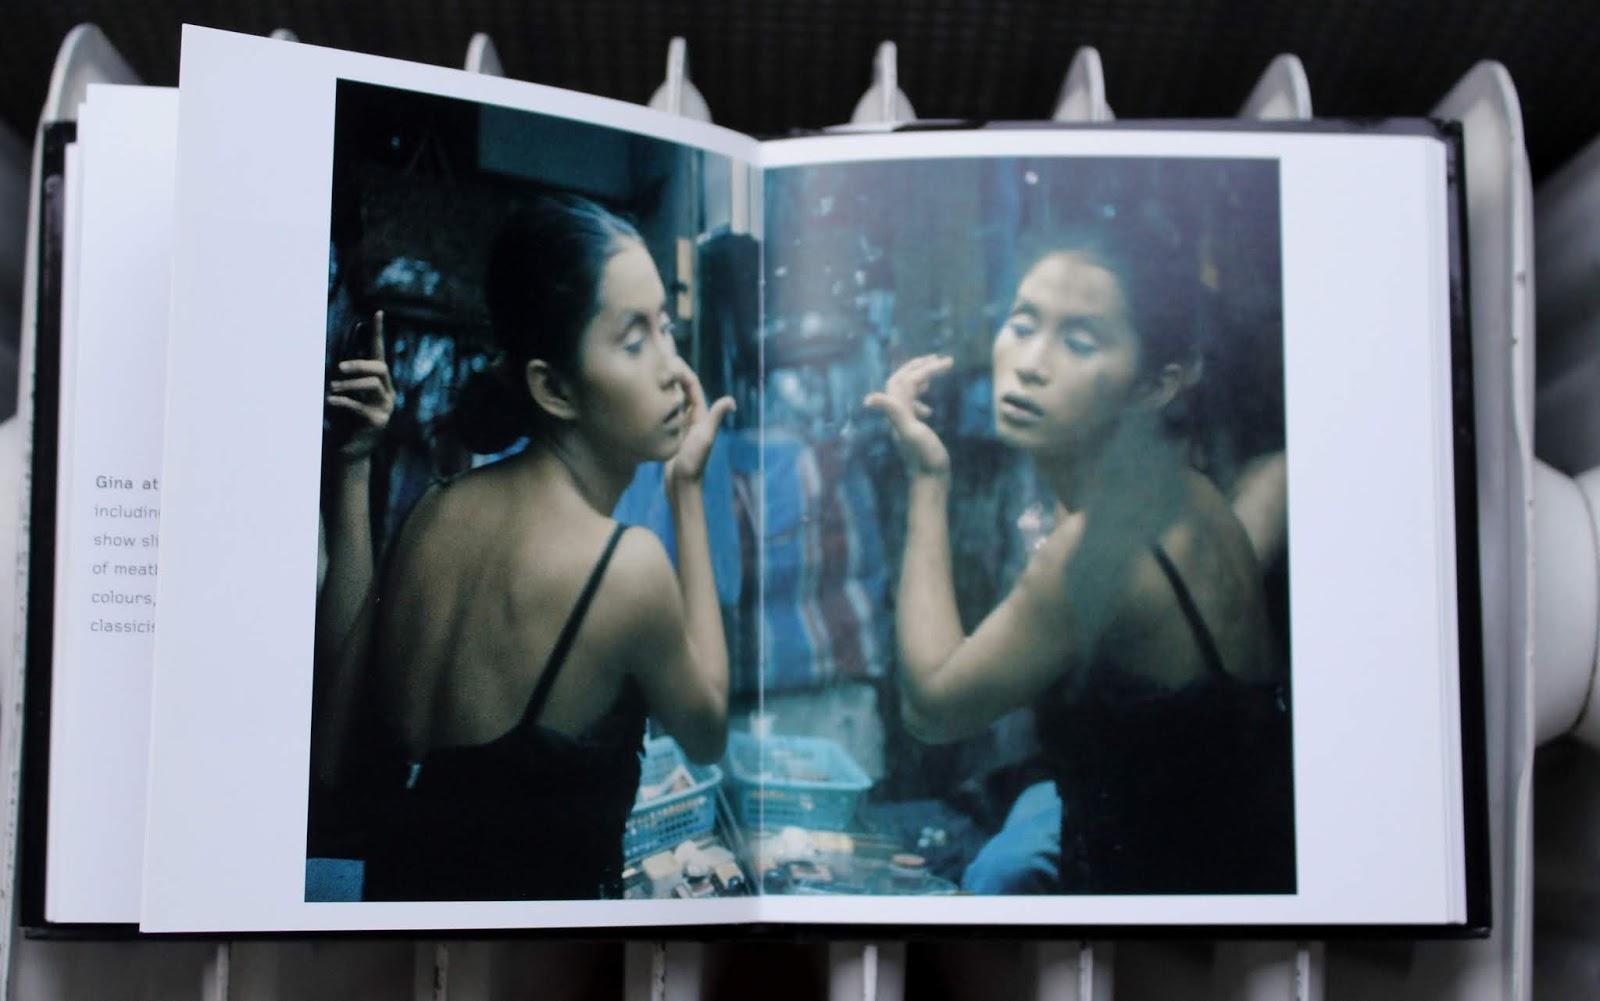 Alleen Maar Nette Mensen Seksscene bint photobooks on internet: views & reviews paradise lost